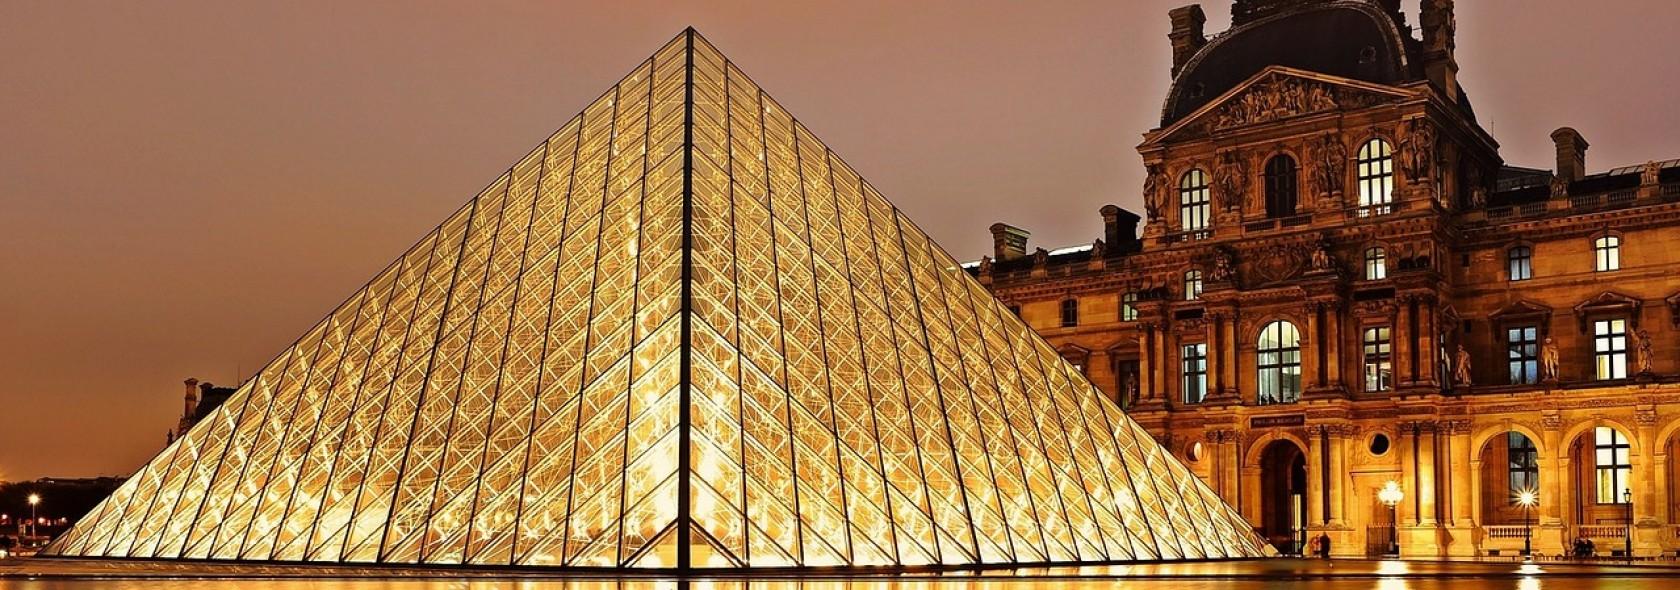 Incantevole Parigi